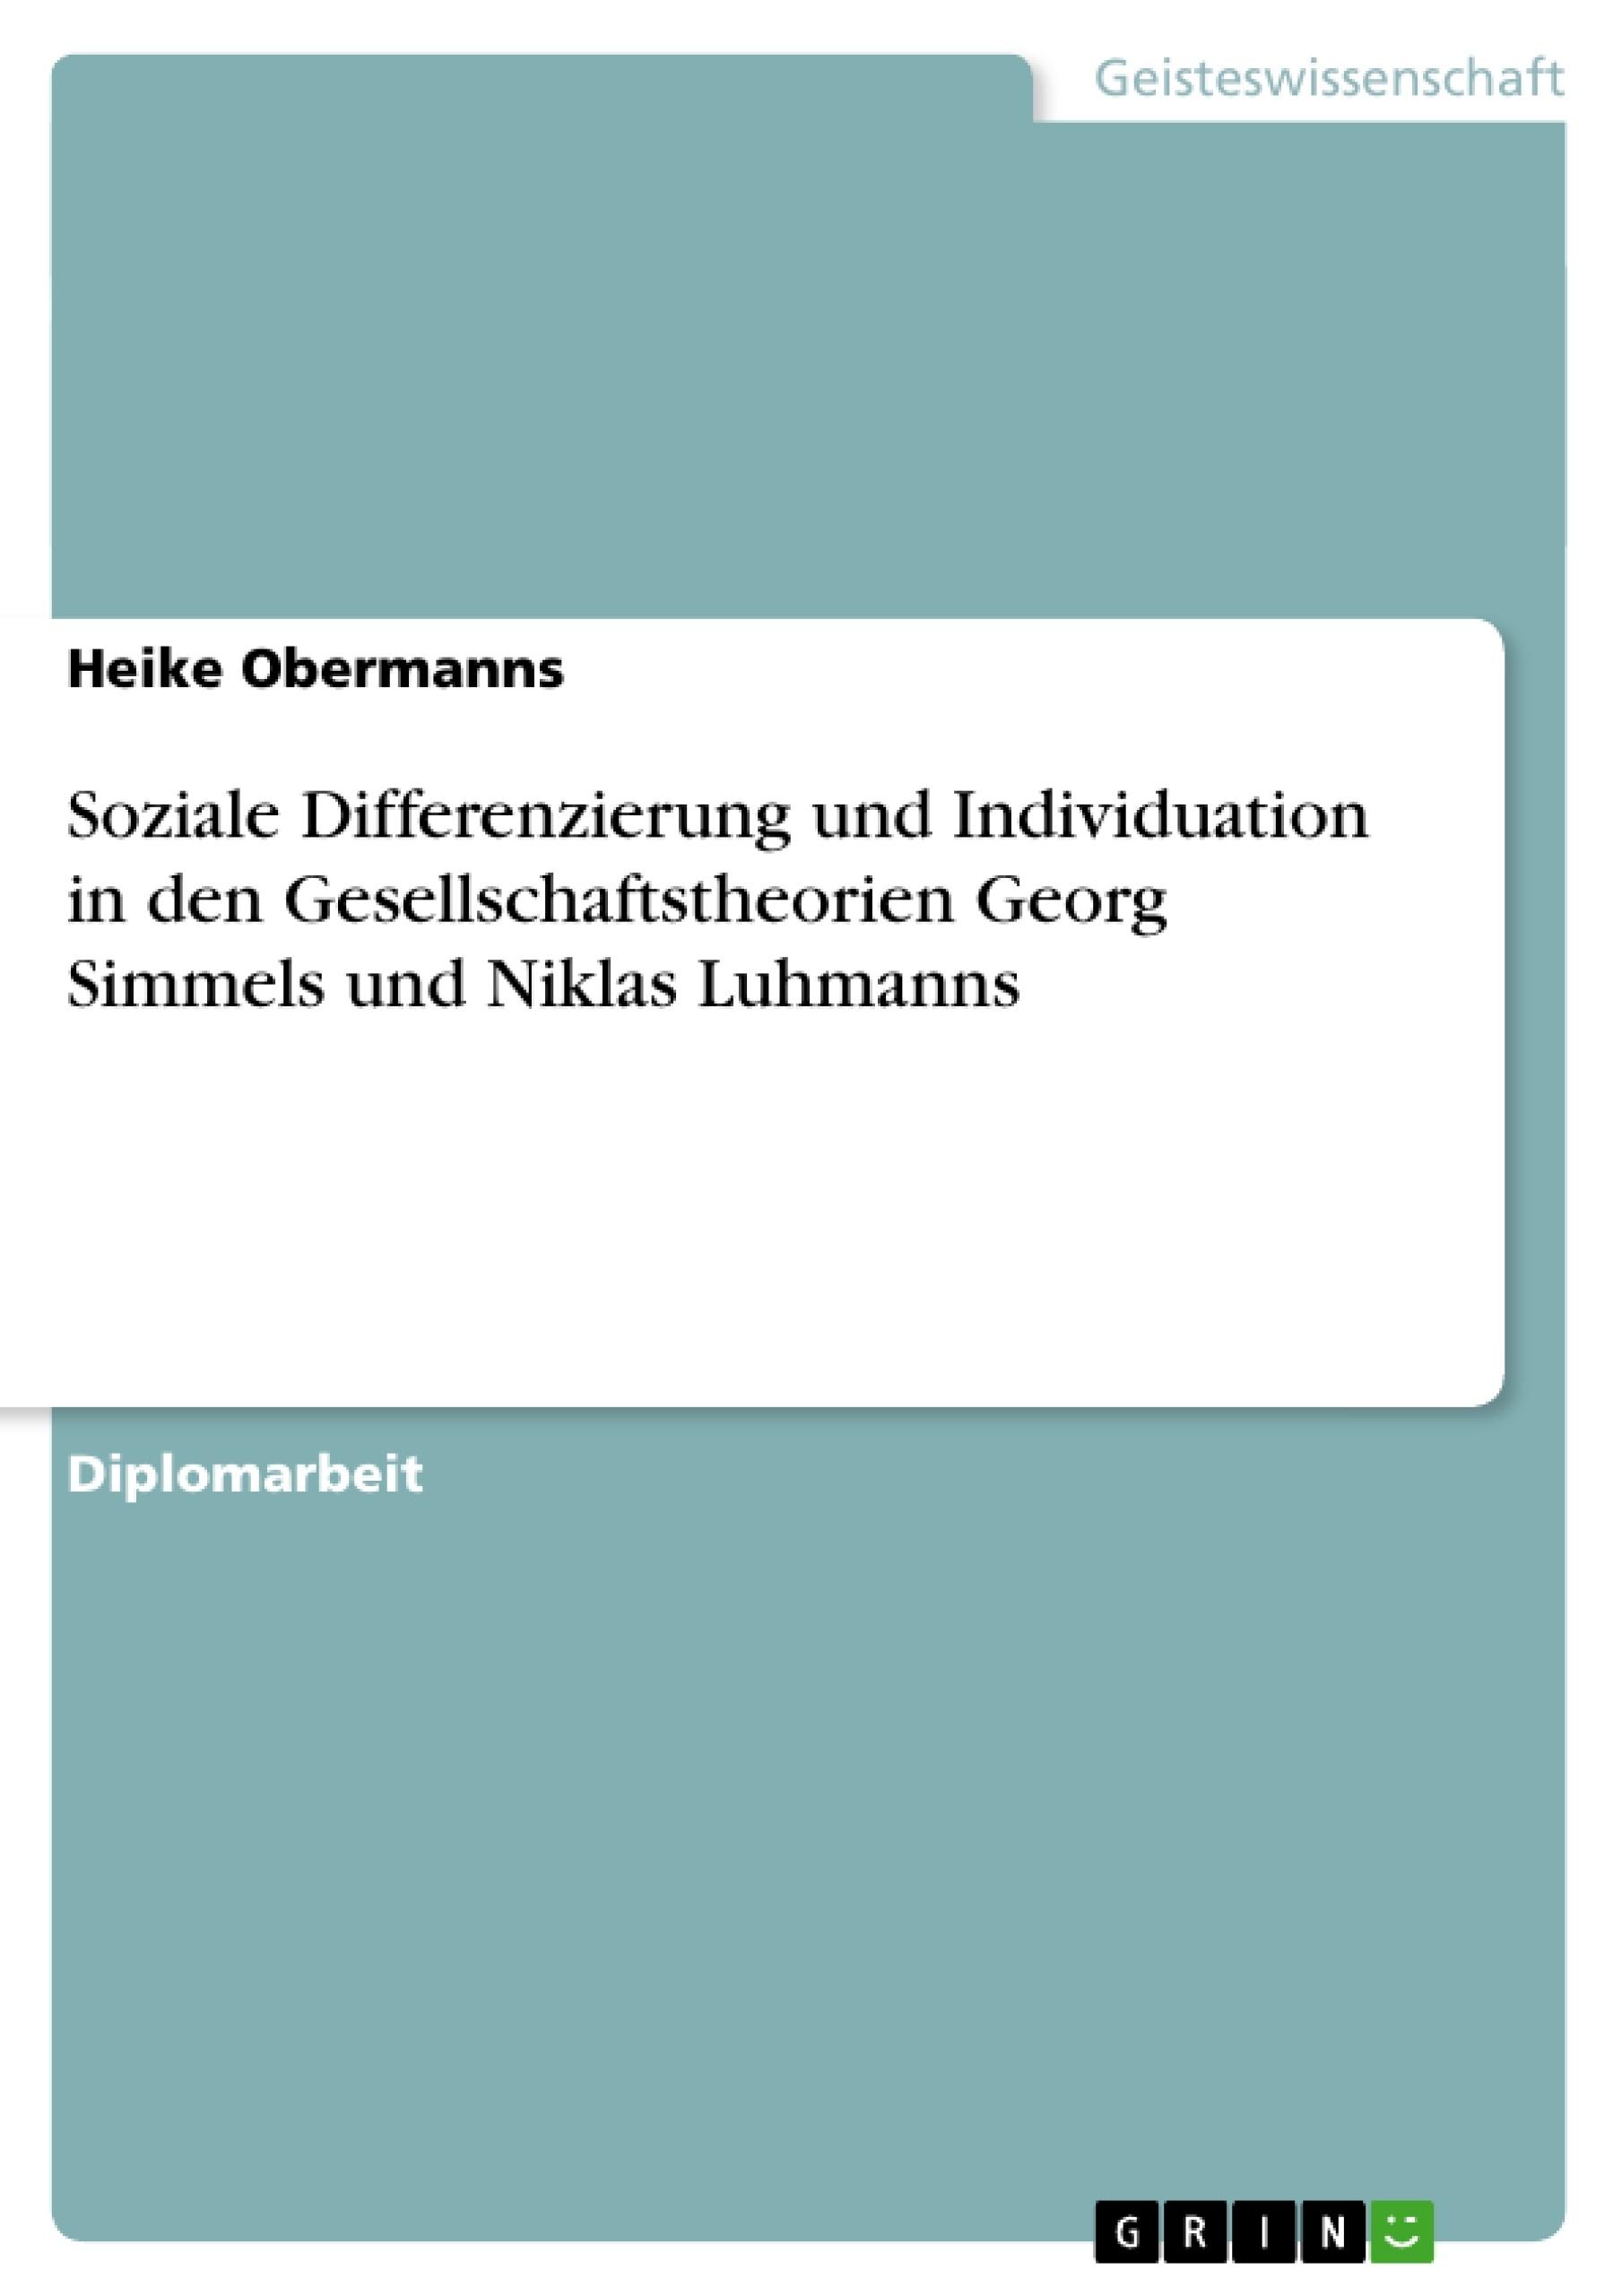 Titel: Soziale Differenzierung und Individuation in den Gesellschaftstheorien Georg Simmels und Niklas Luhmanns